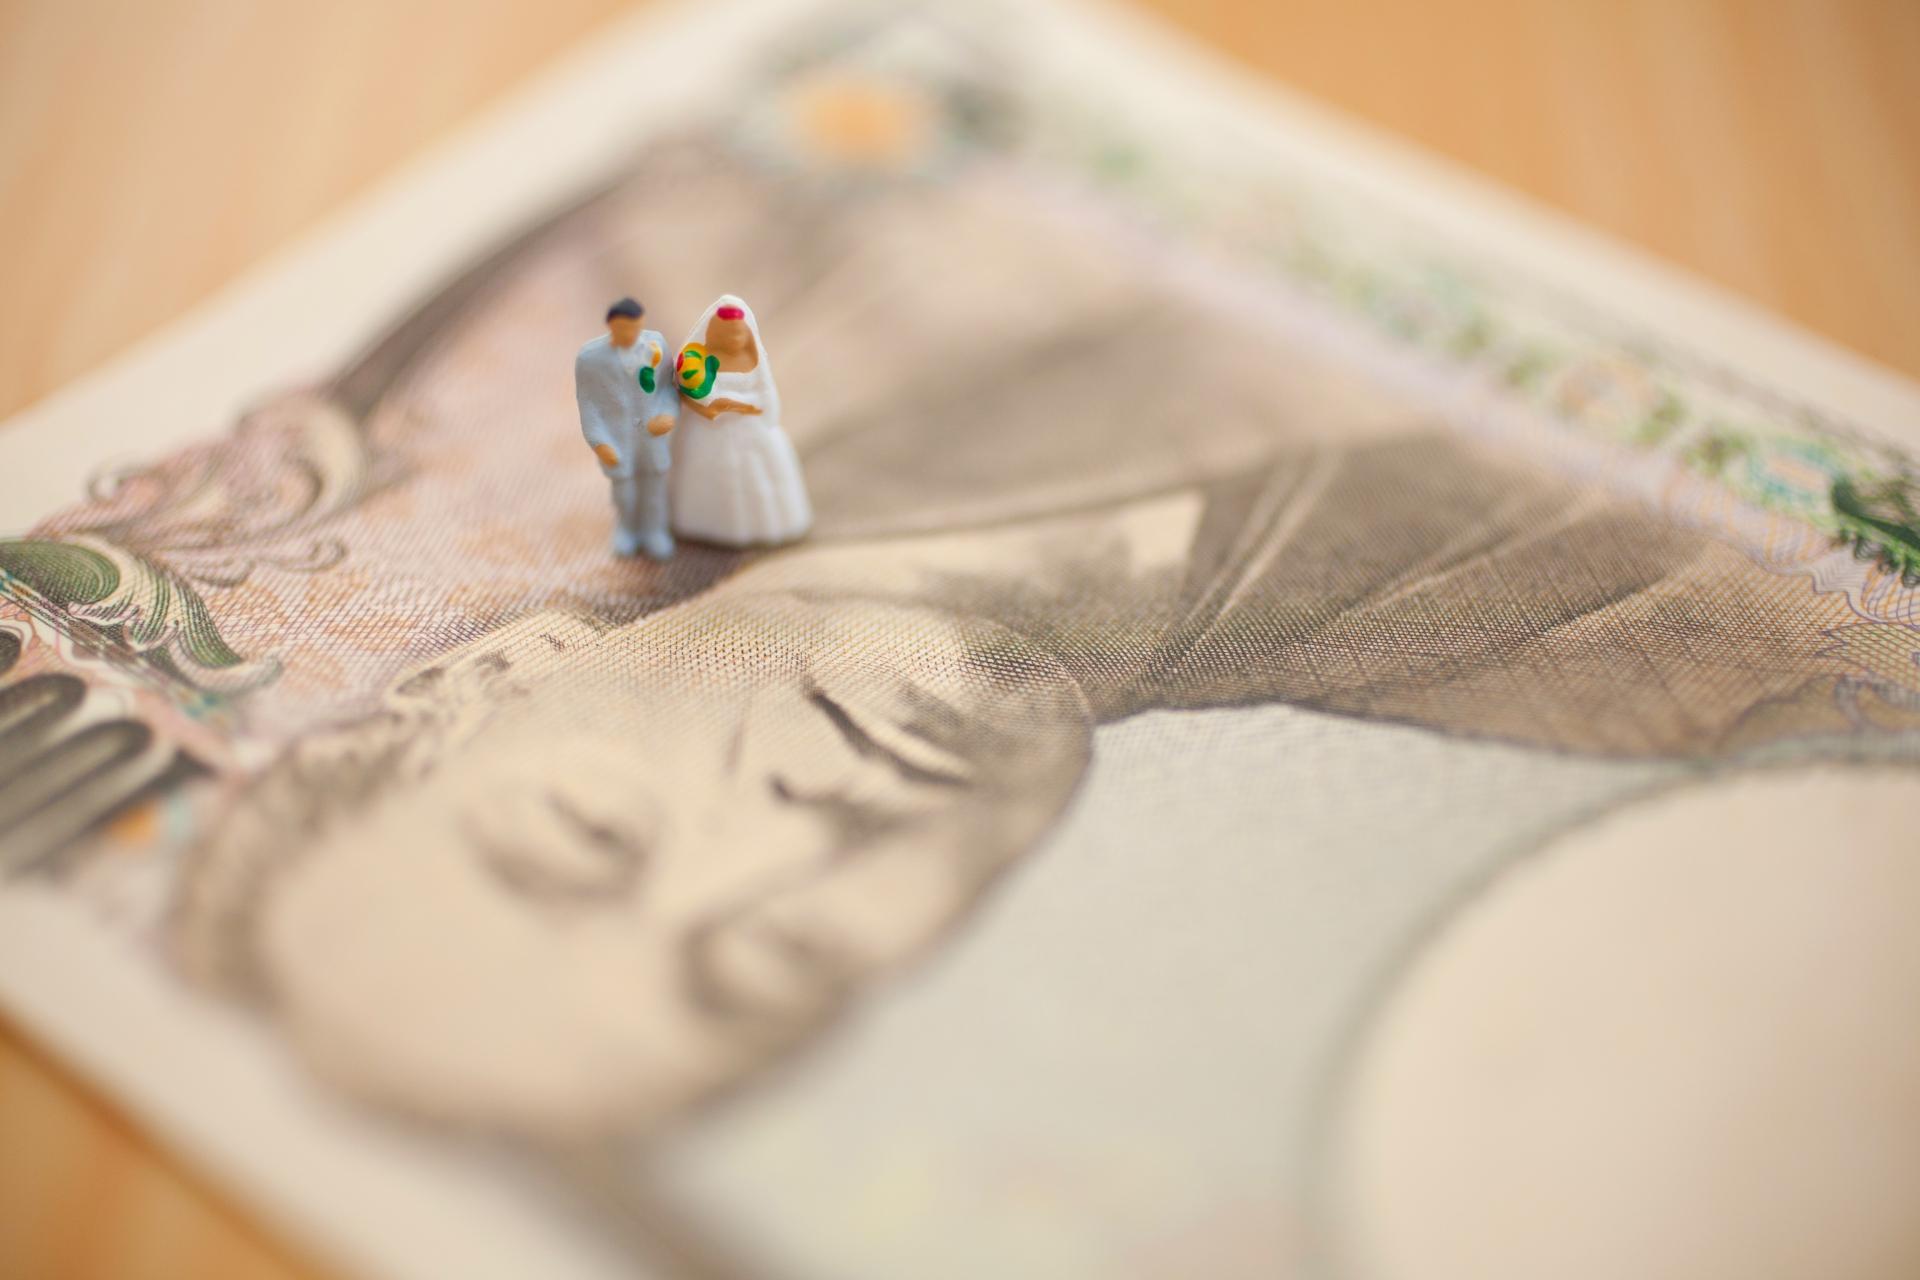 結婚は「貯金がない」人もできる?結婚資金はいくら必要か金額を計算してみよう!